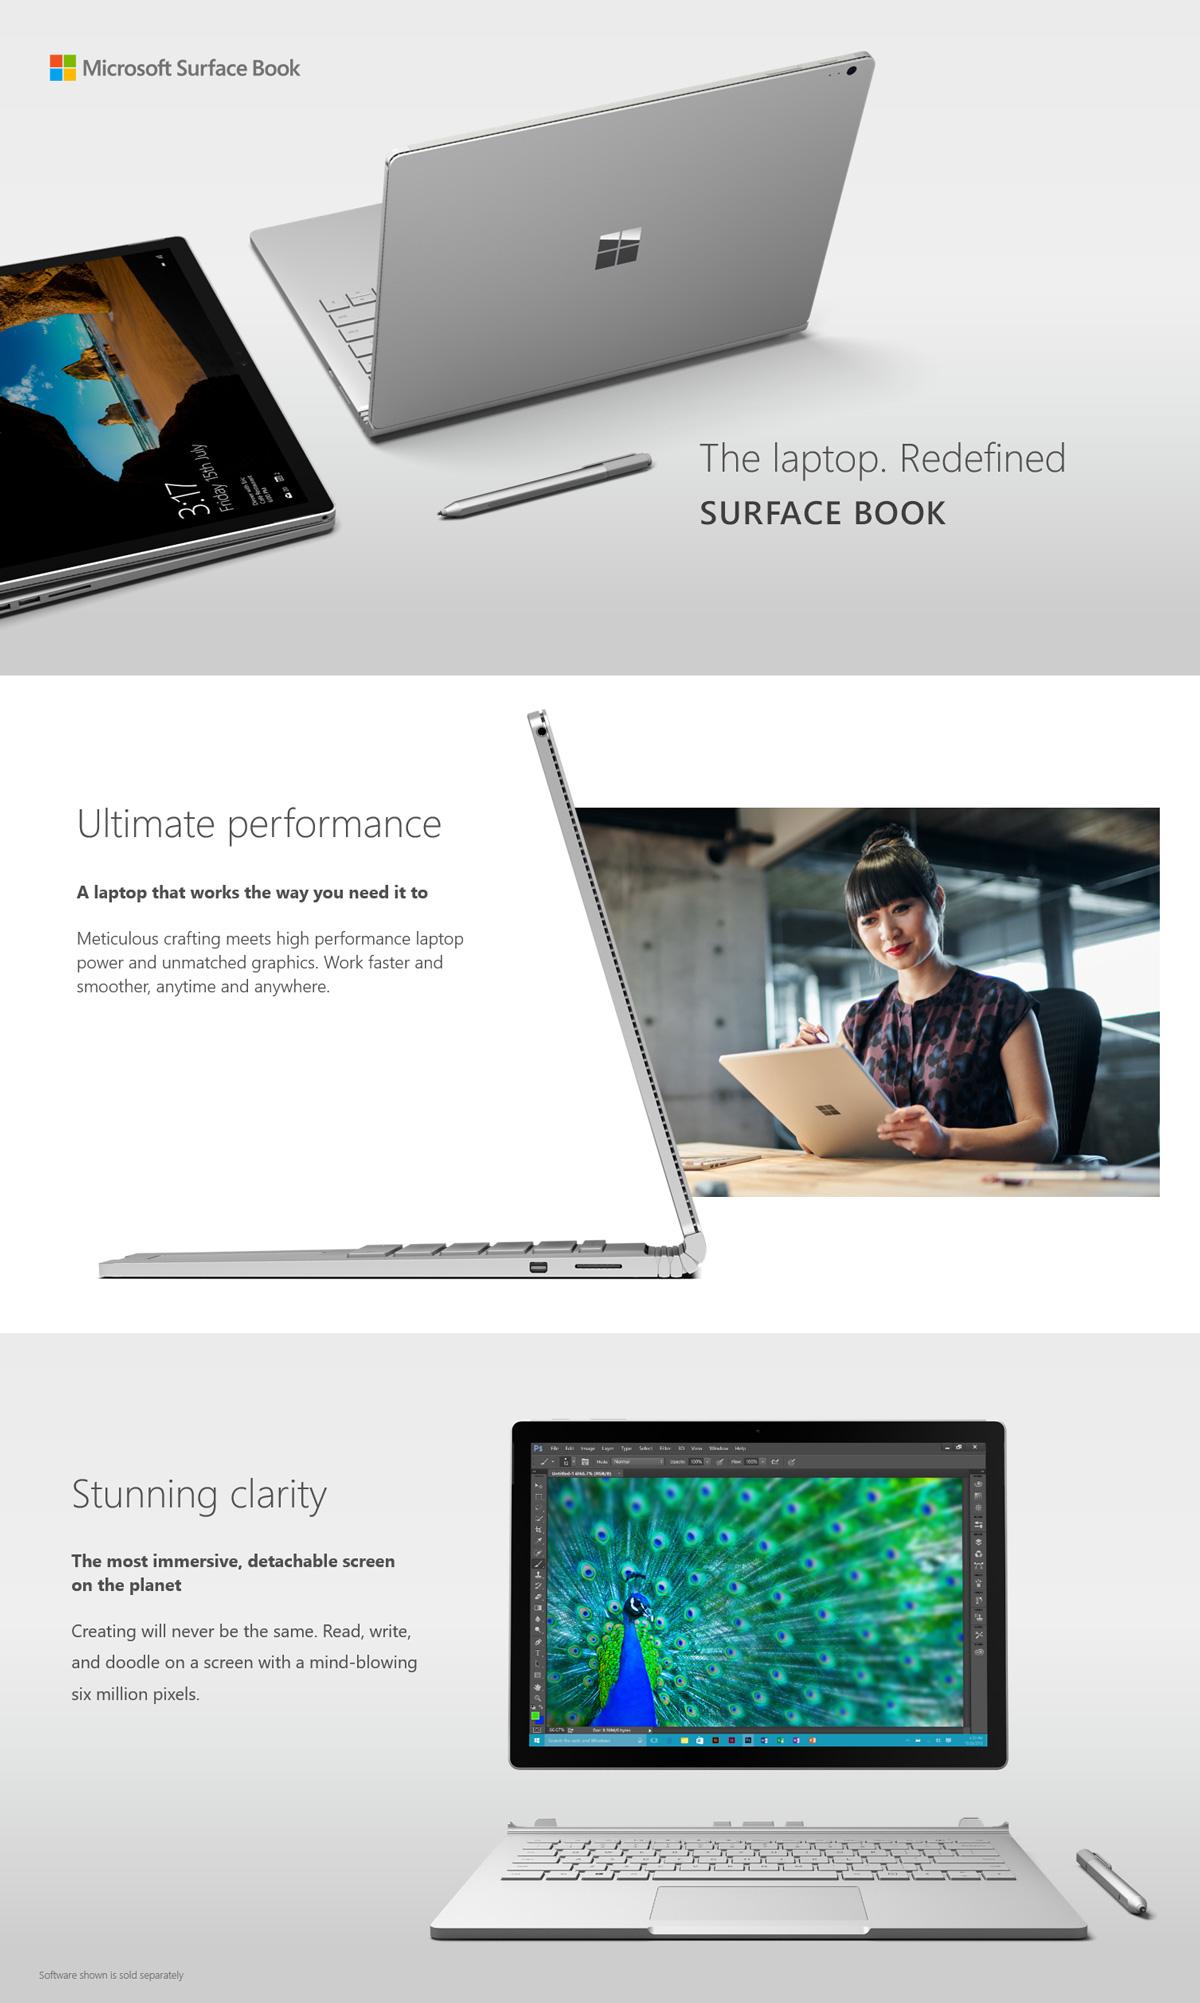 microsoft-surfacebook-lp.jpg